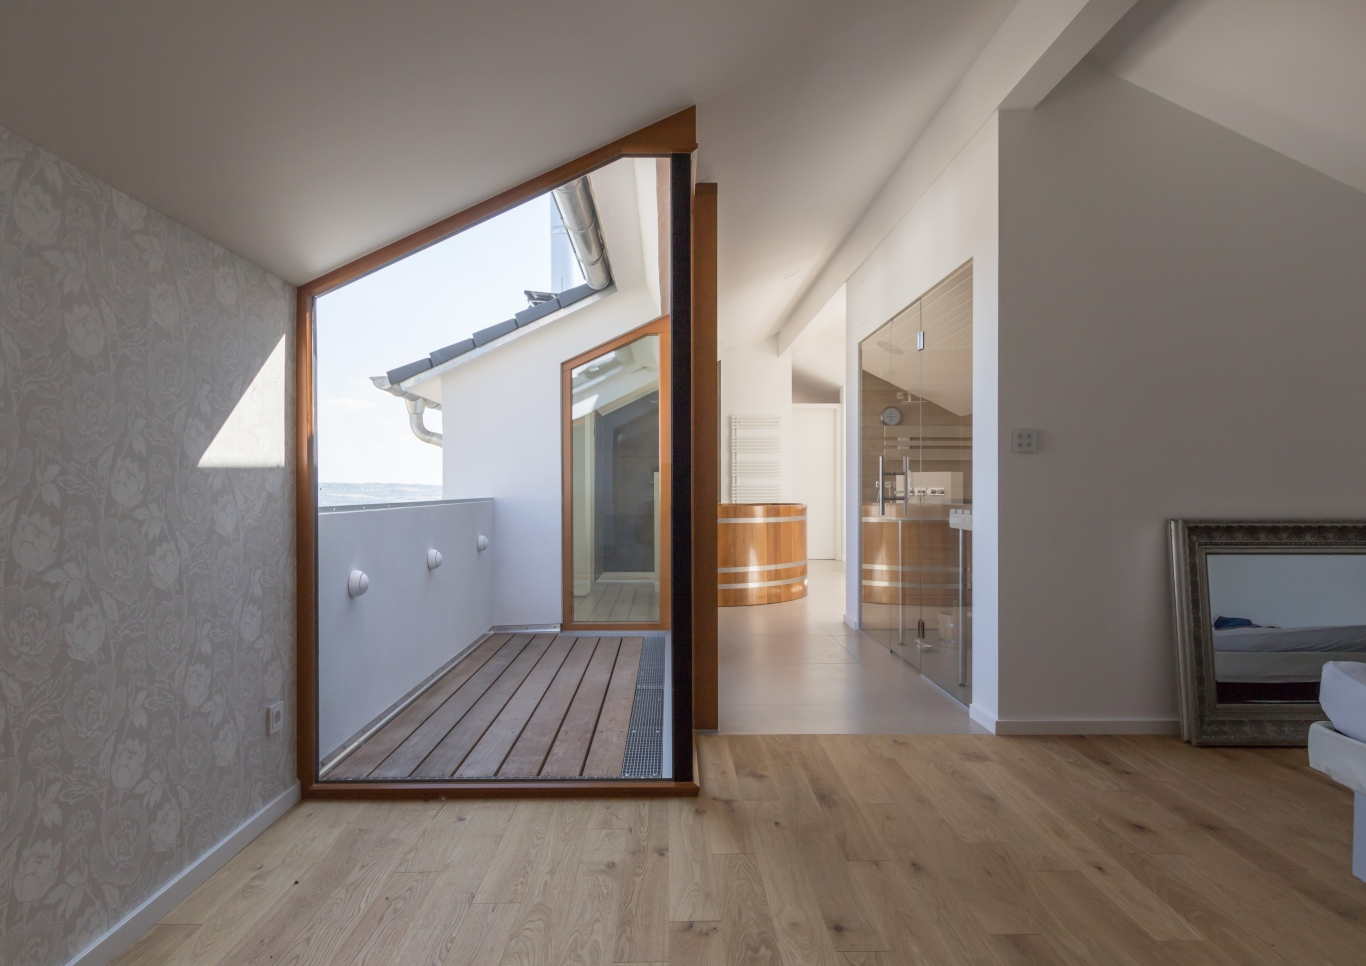 Neubau eines Einfamilienhauses in Essenheim   Bialucha Architektur ...